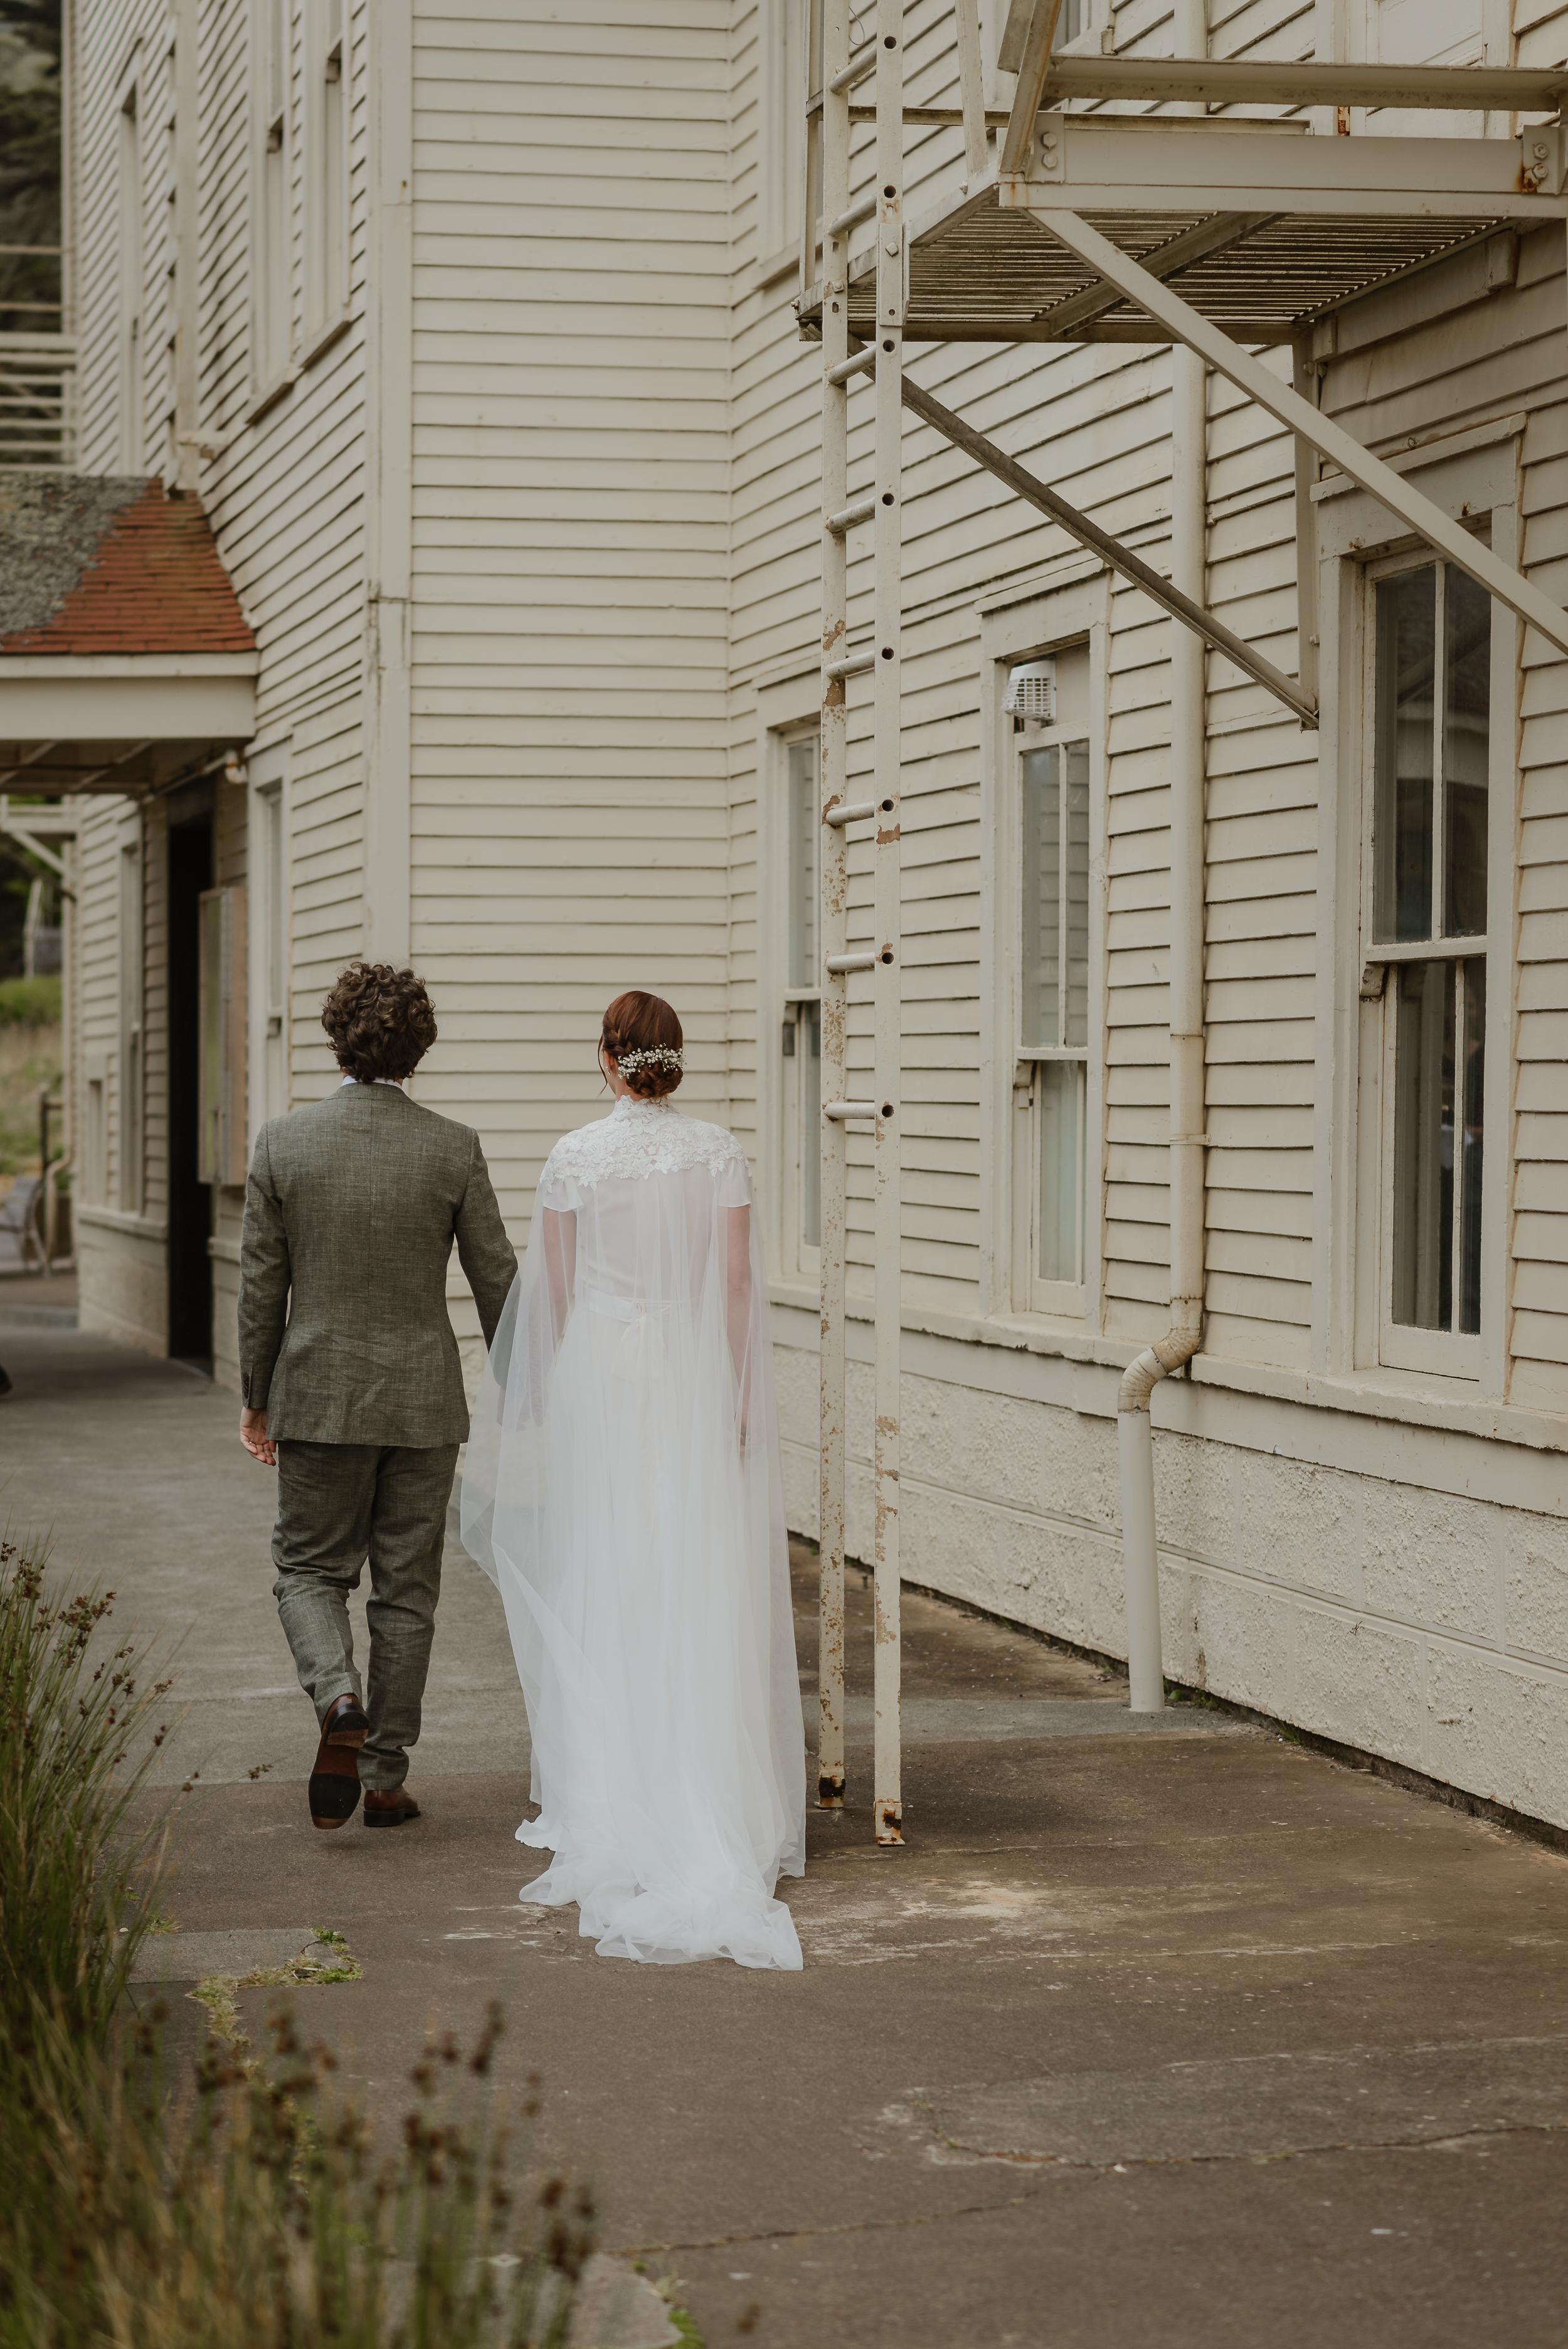 048-san-francisco-headlands-center-for-the-arts-wedding-vivianchen-220.jpg